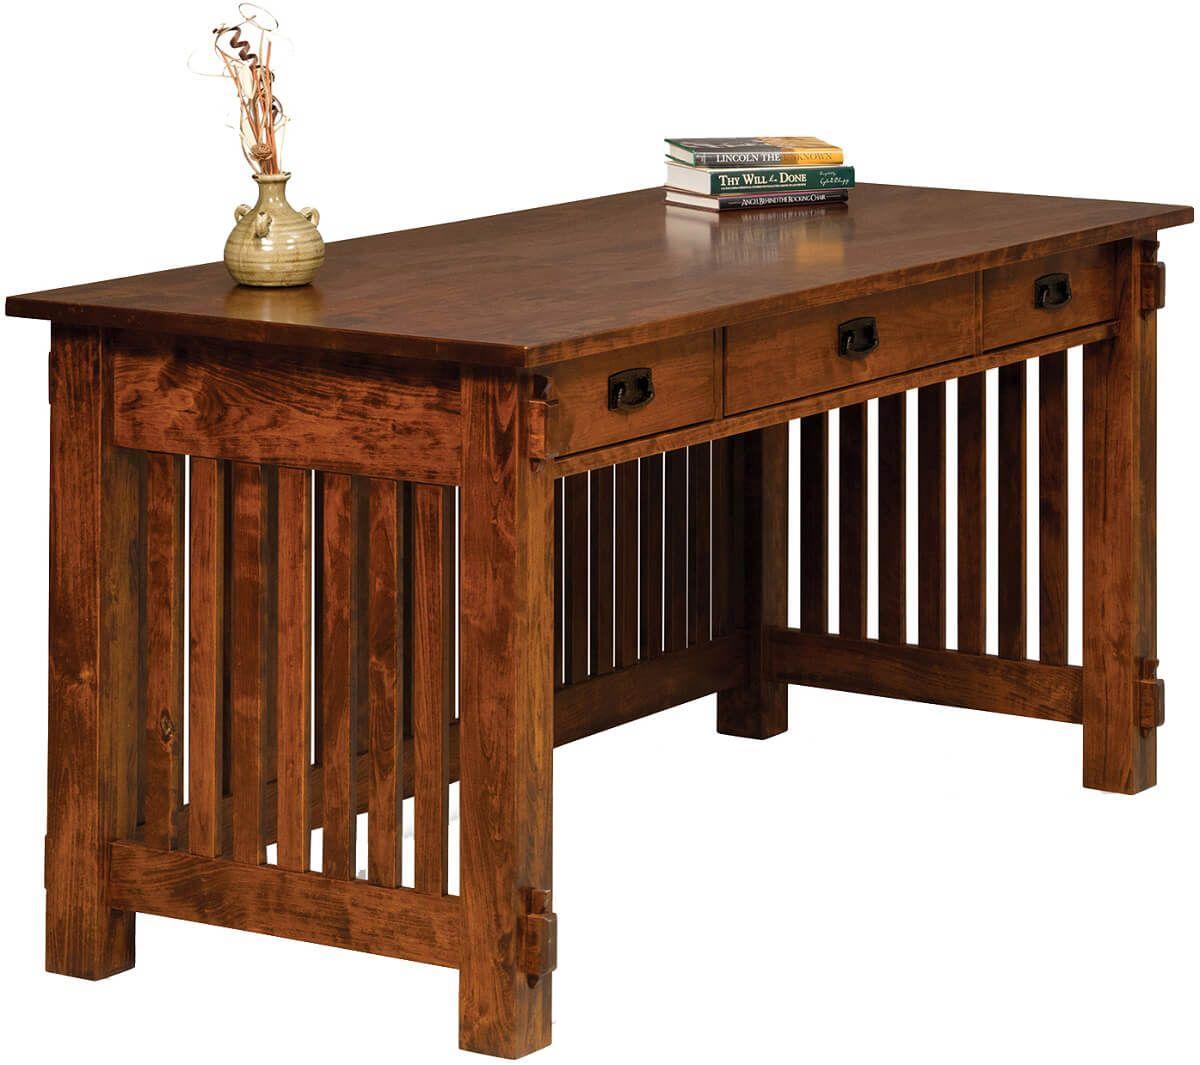 Timken Office Desk in Rustic Cherry